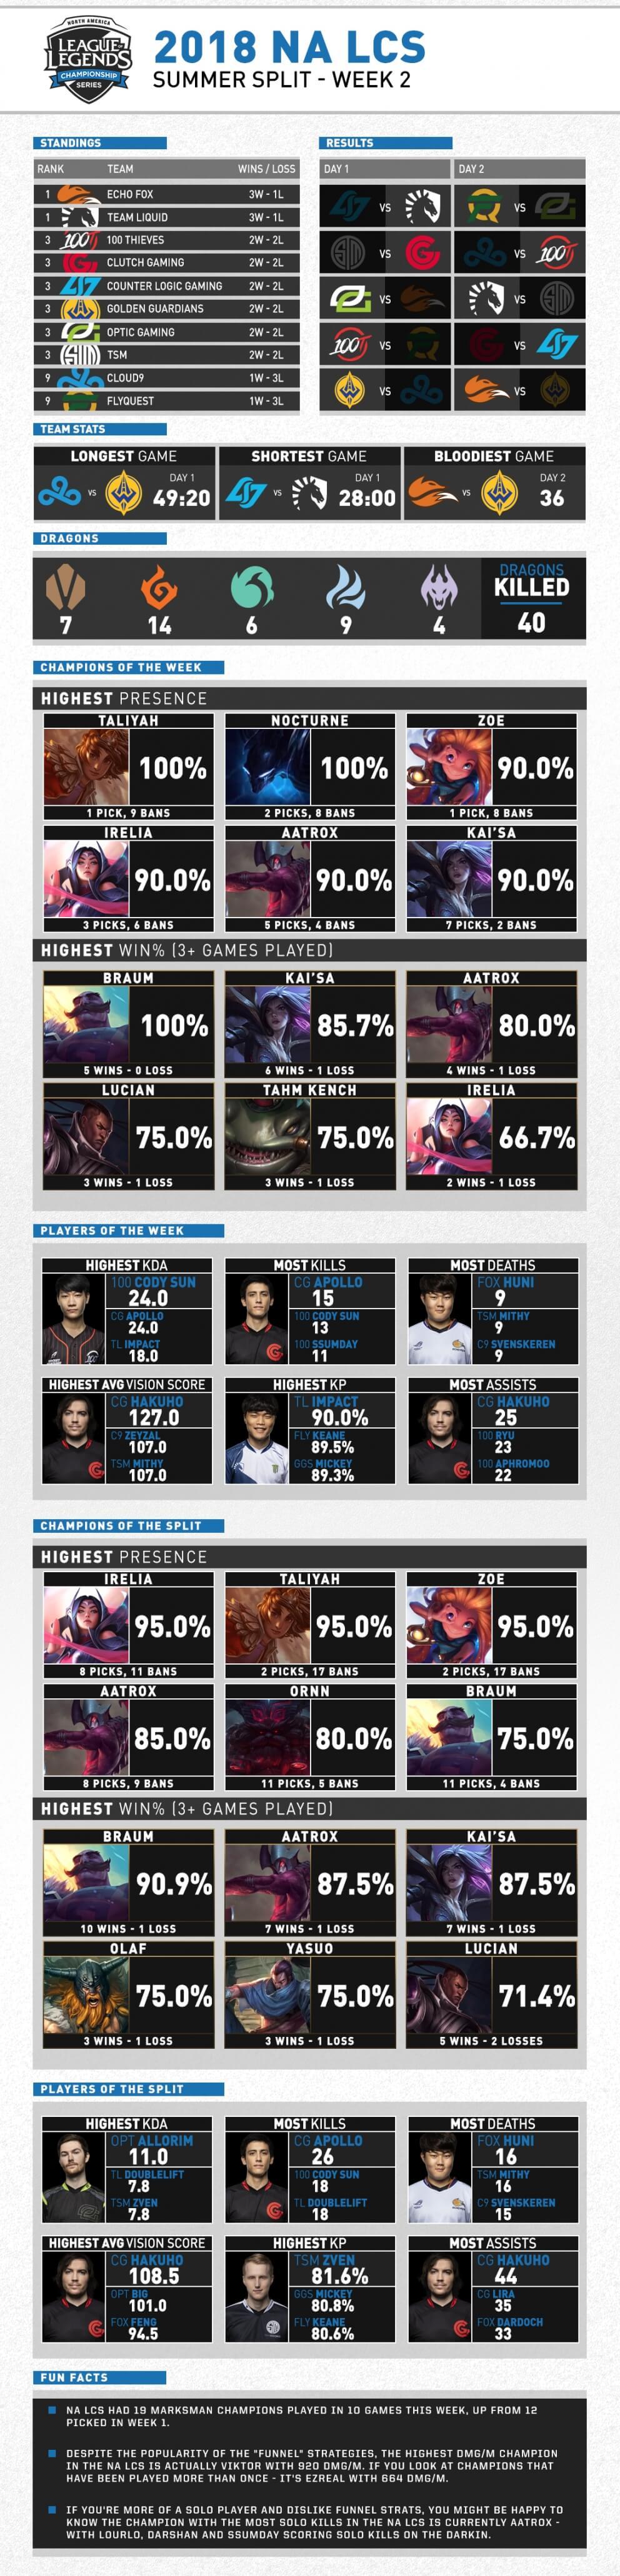 NA LCS Mùa Hè 2018 Tuần 2 Infographic